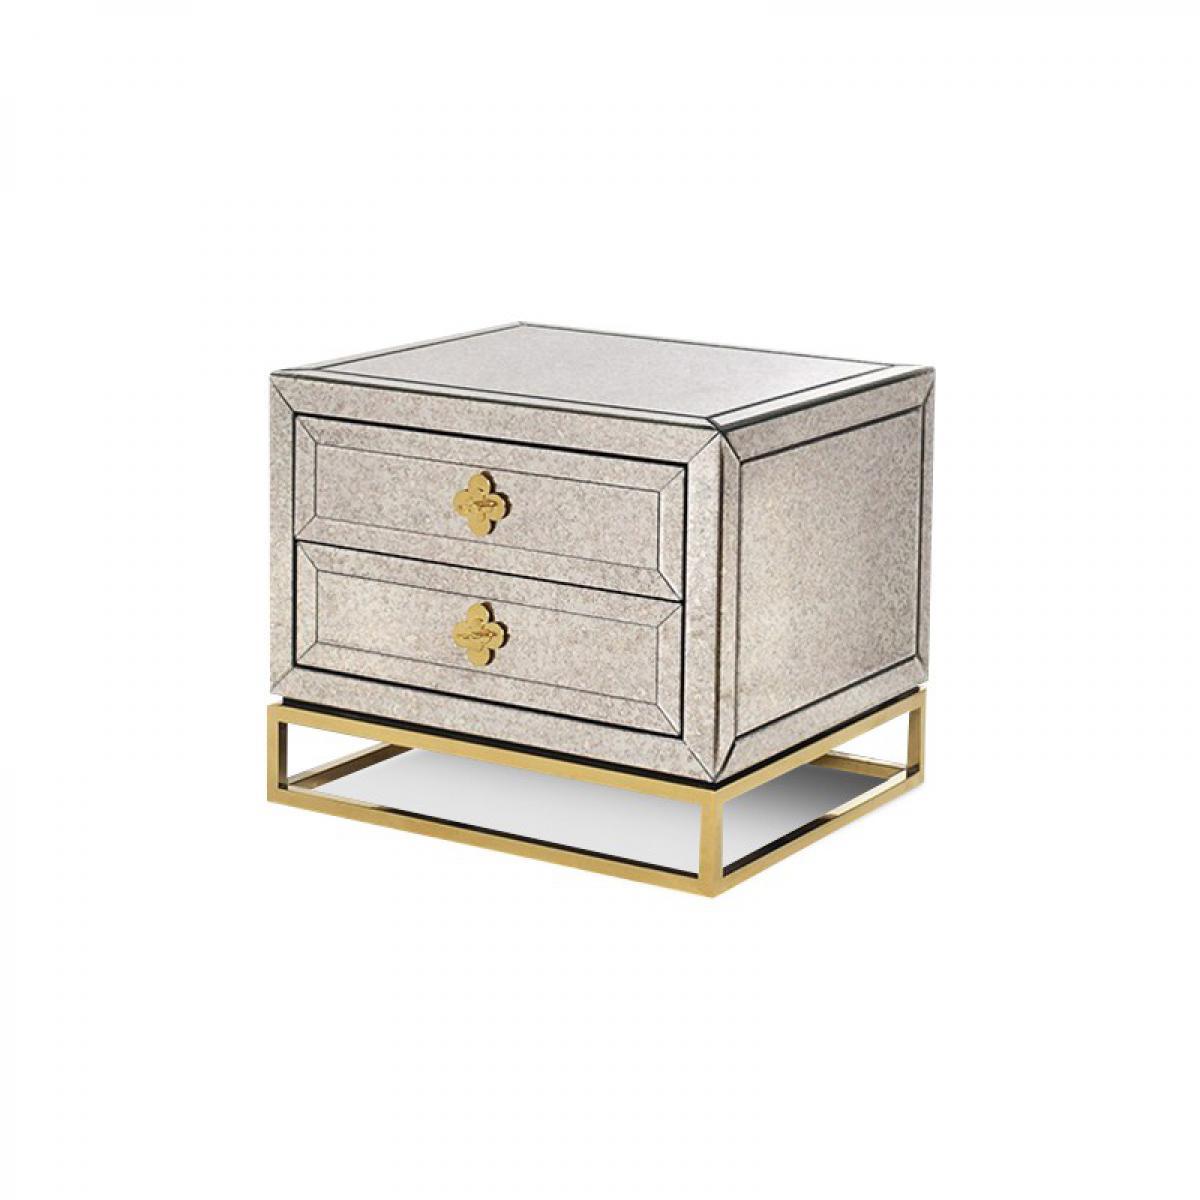 Meubler Design Table de chevet en miroir vieilli piétement doré LOUIS